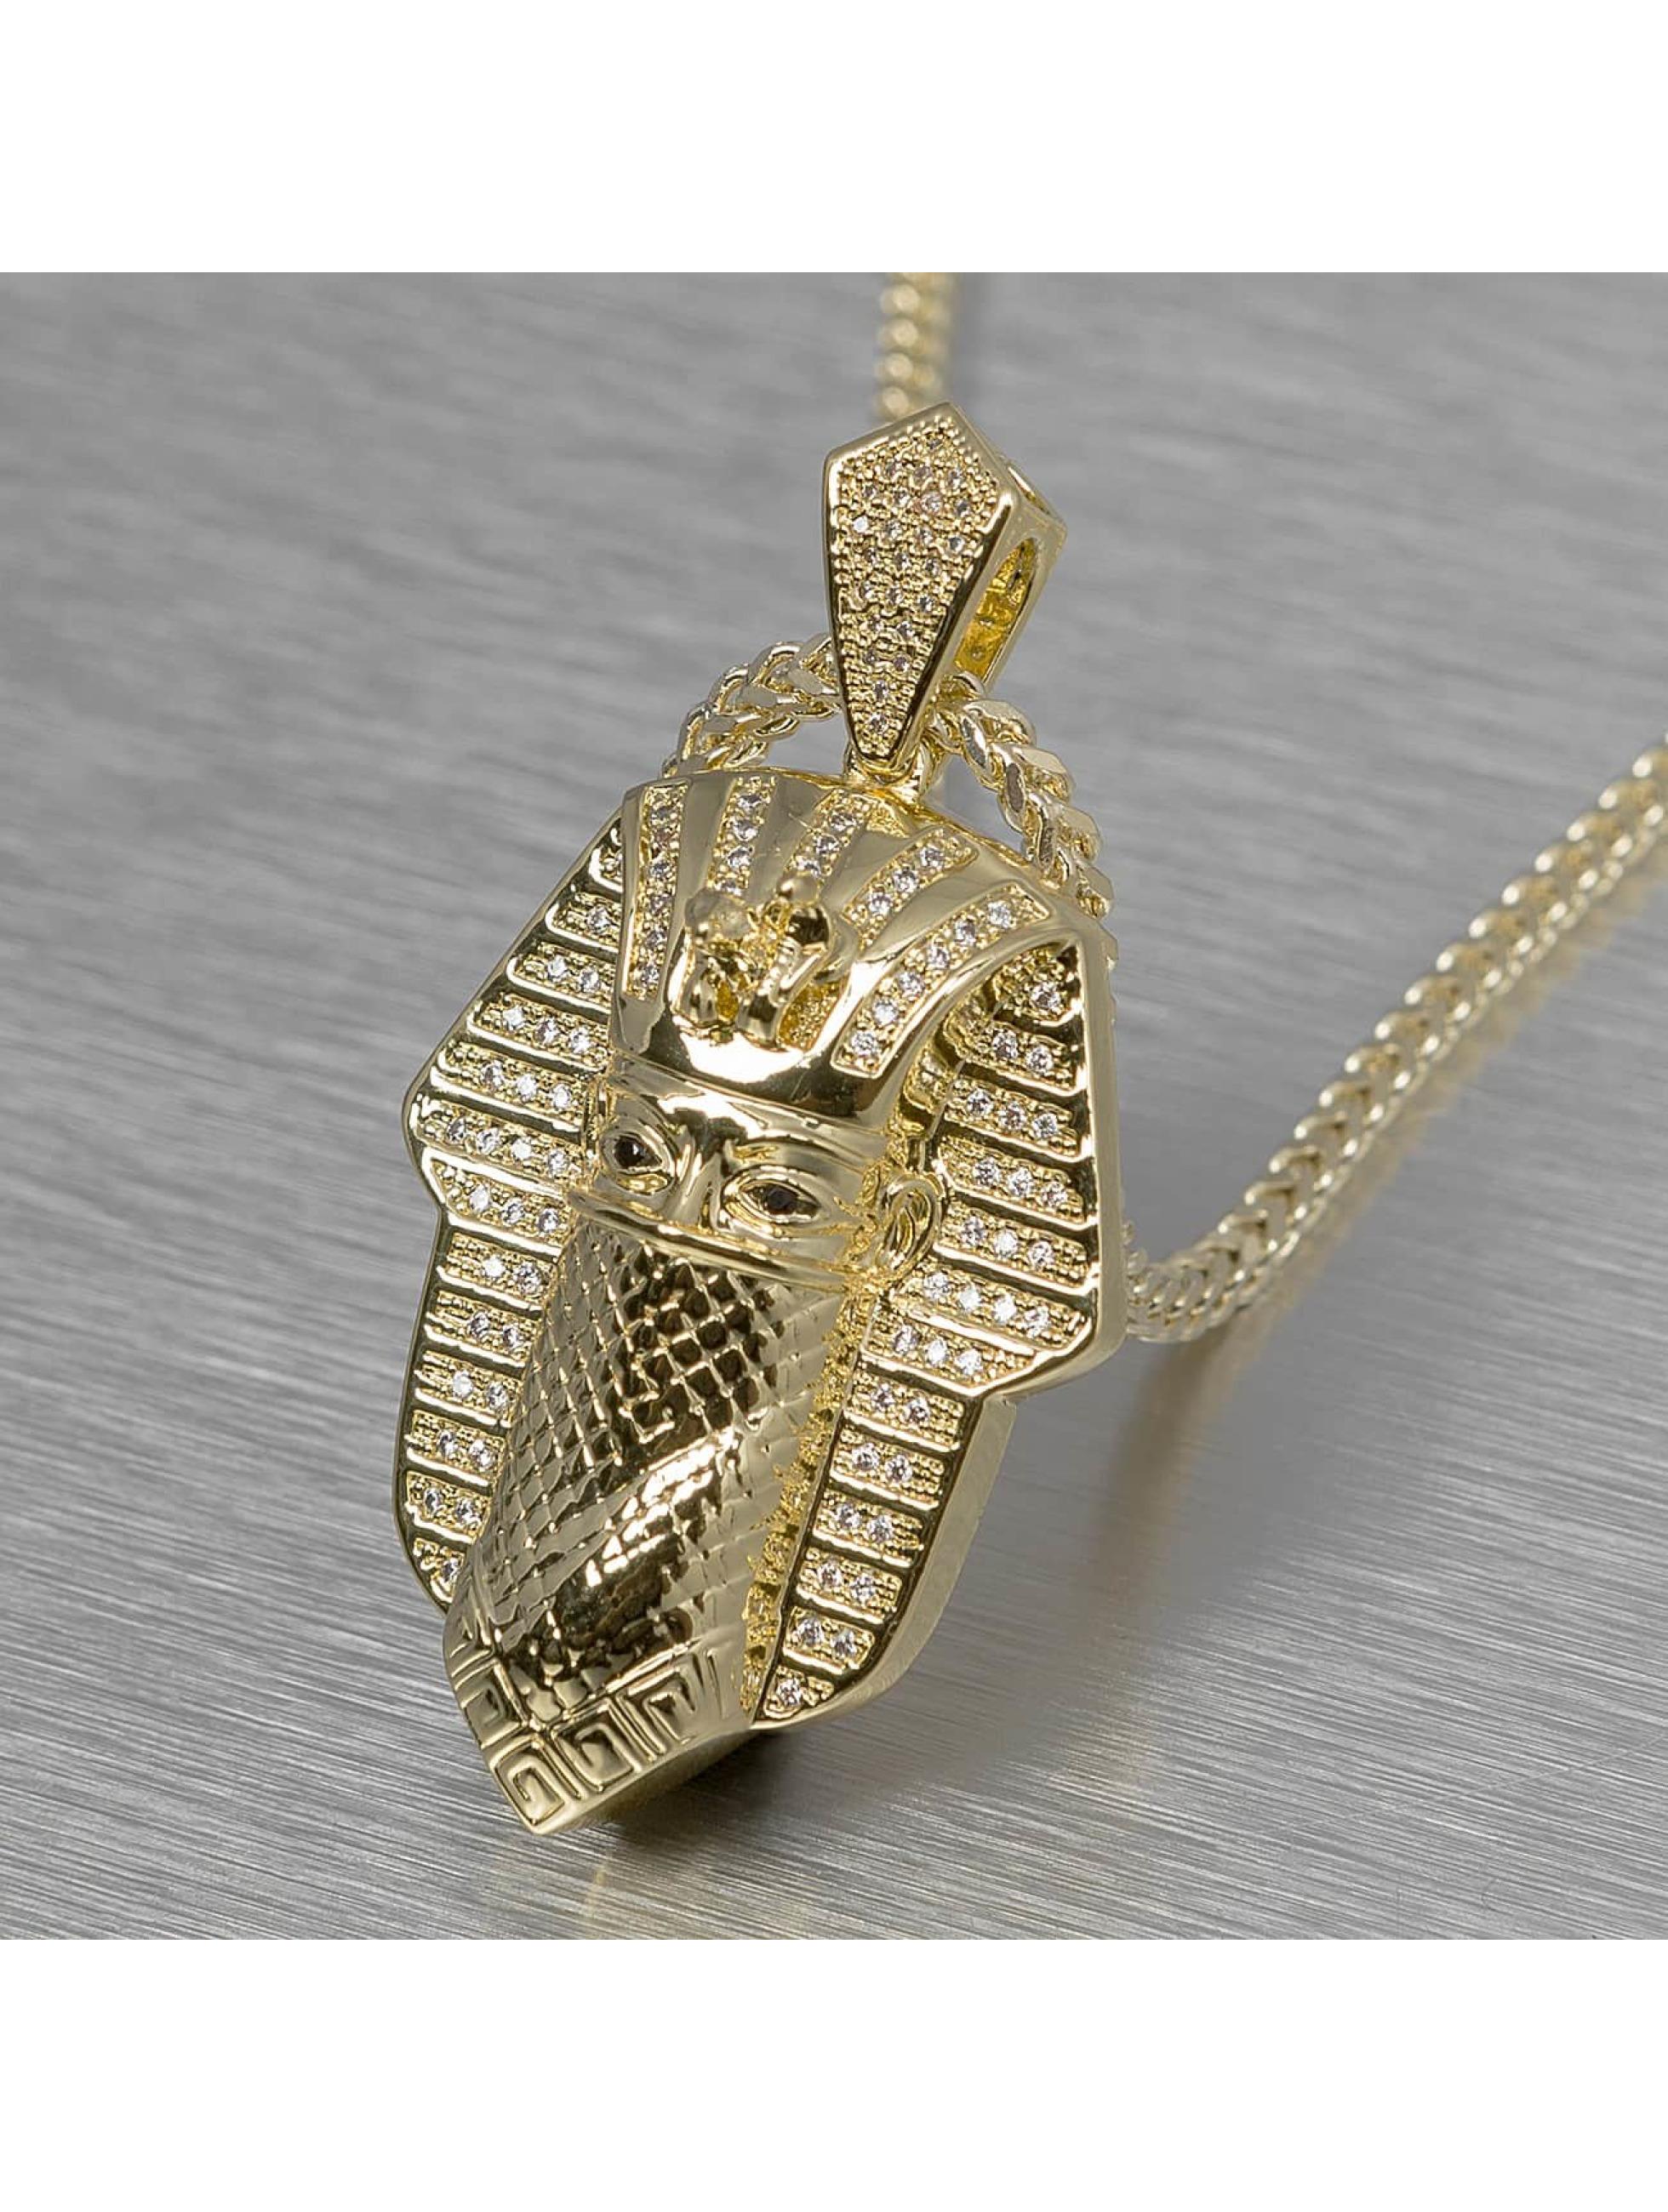 KING ICE ketting Bandana Pharaoh goud